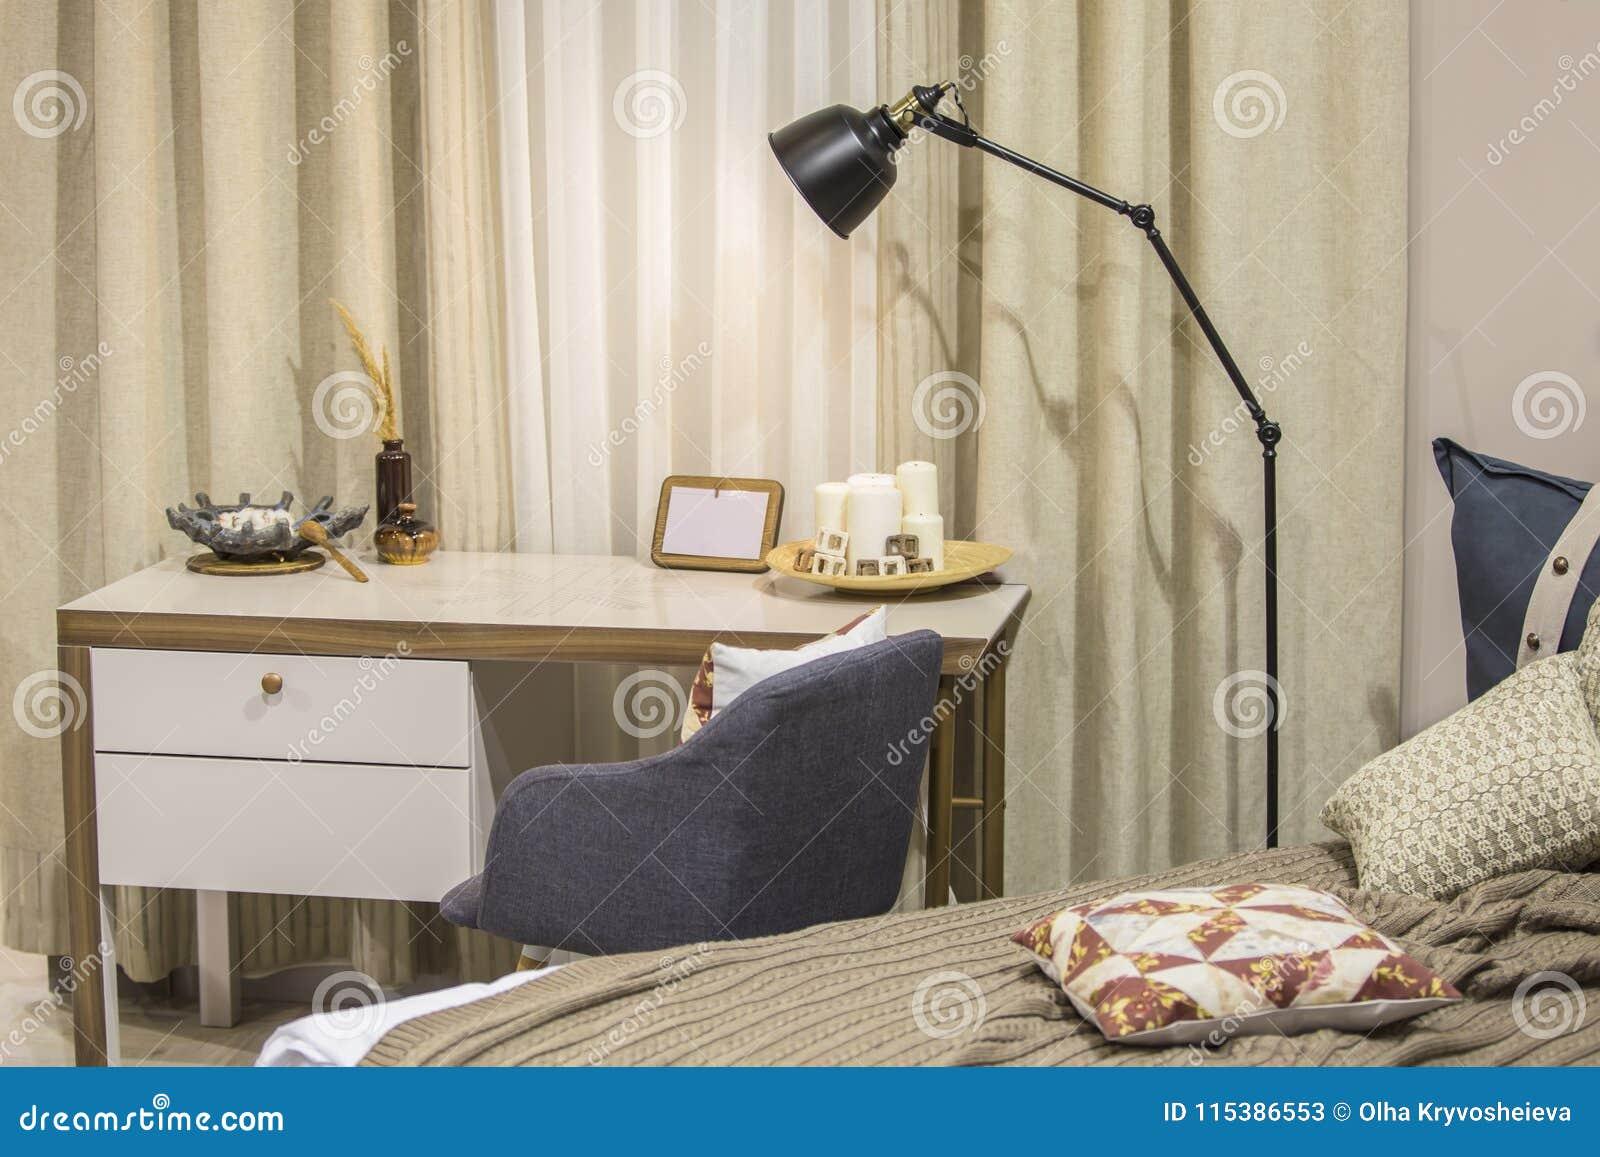 Rideau Pour Chambre Ado une salle moderne pour un adolescent dans le style